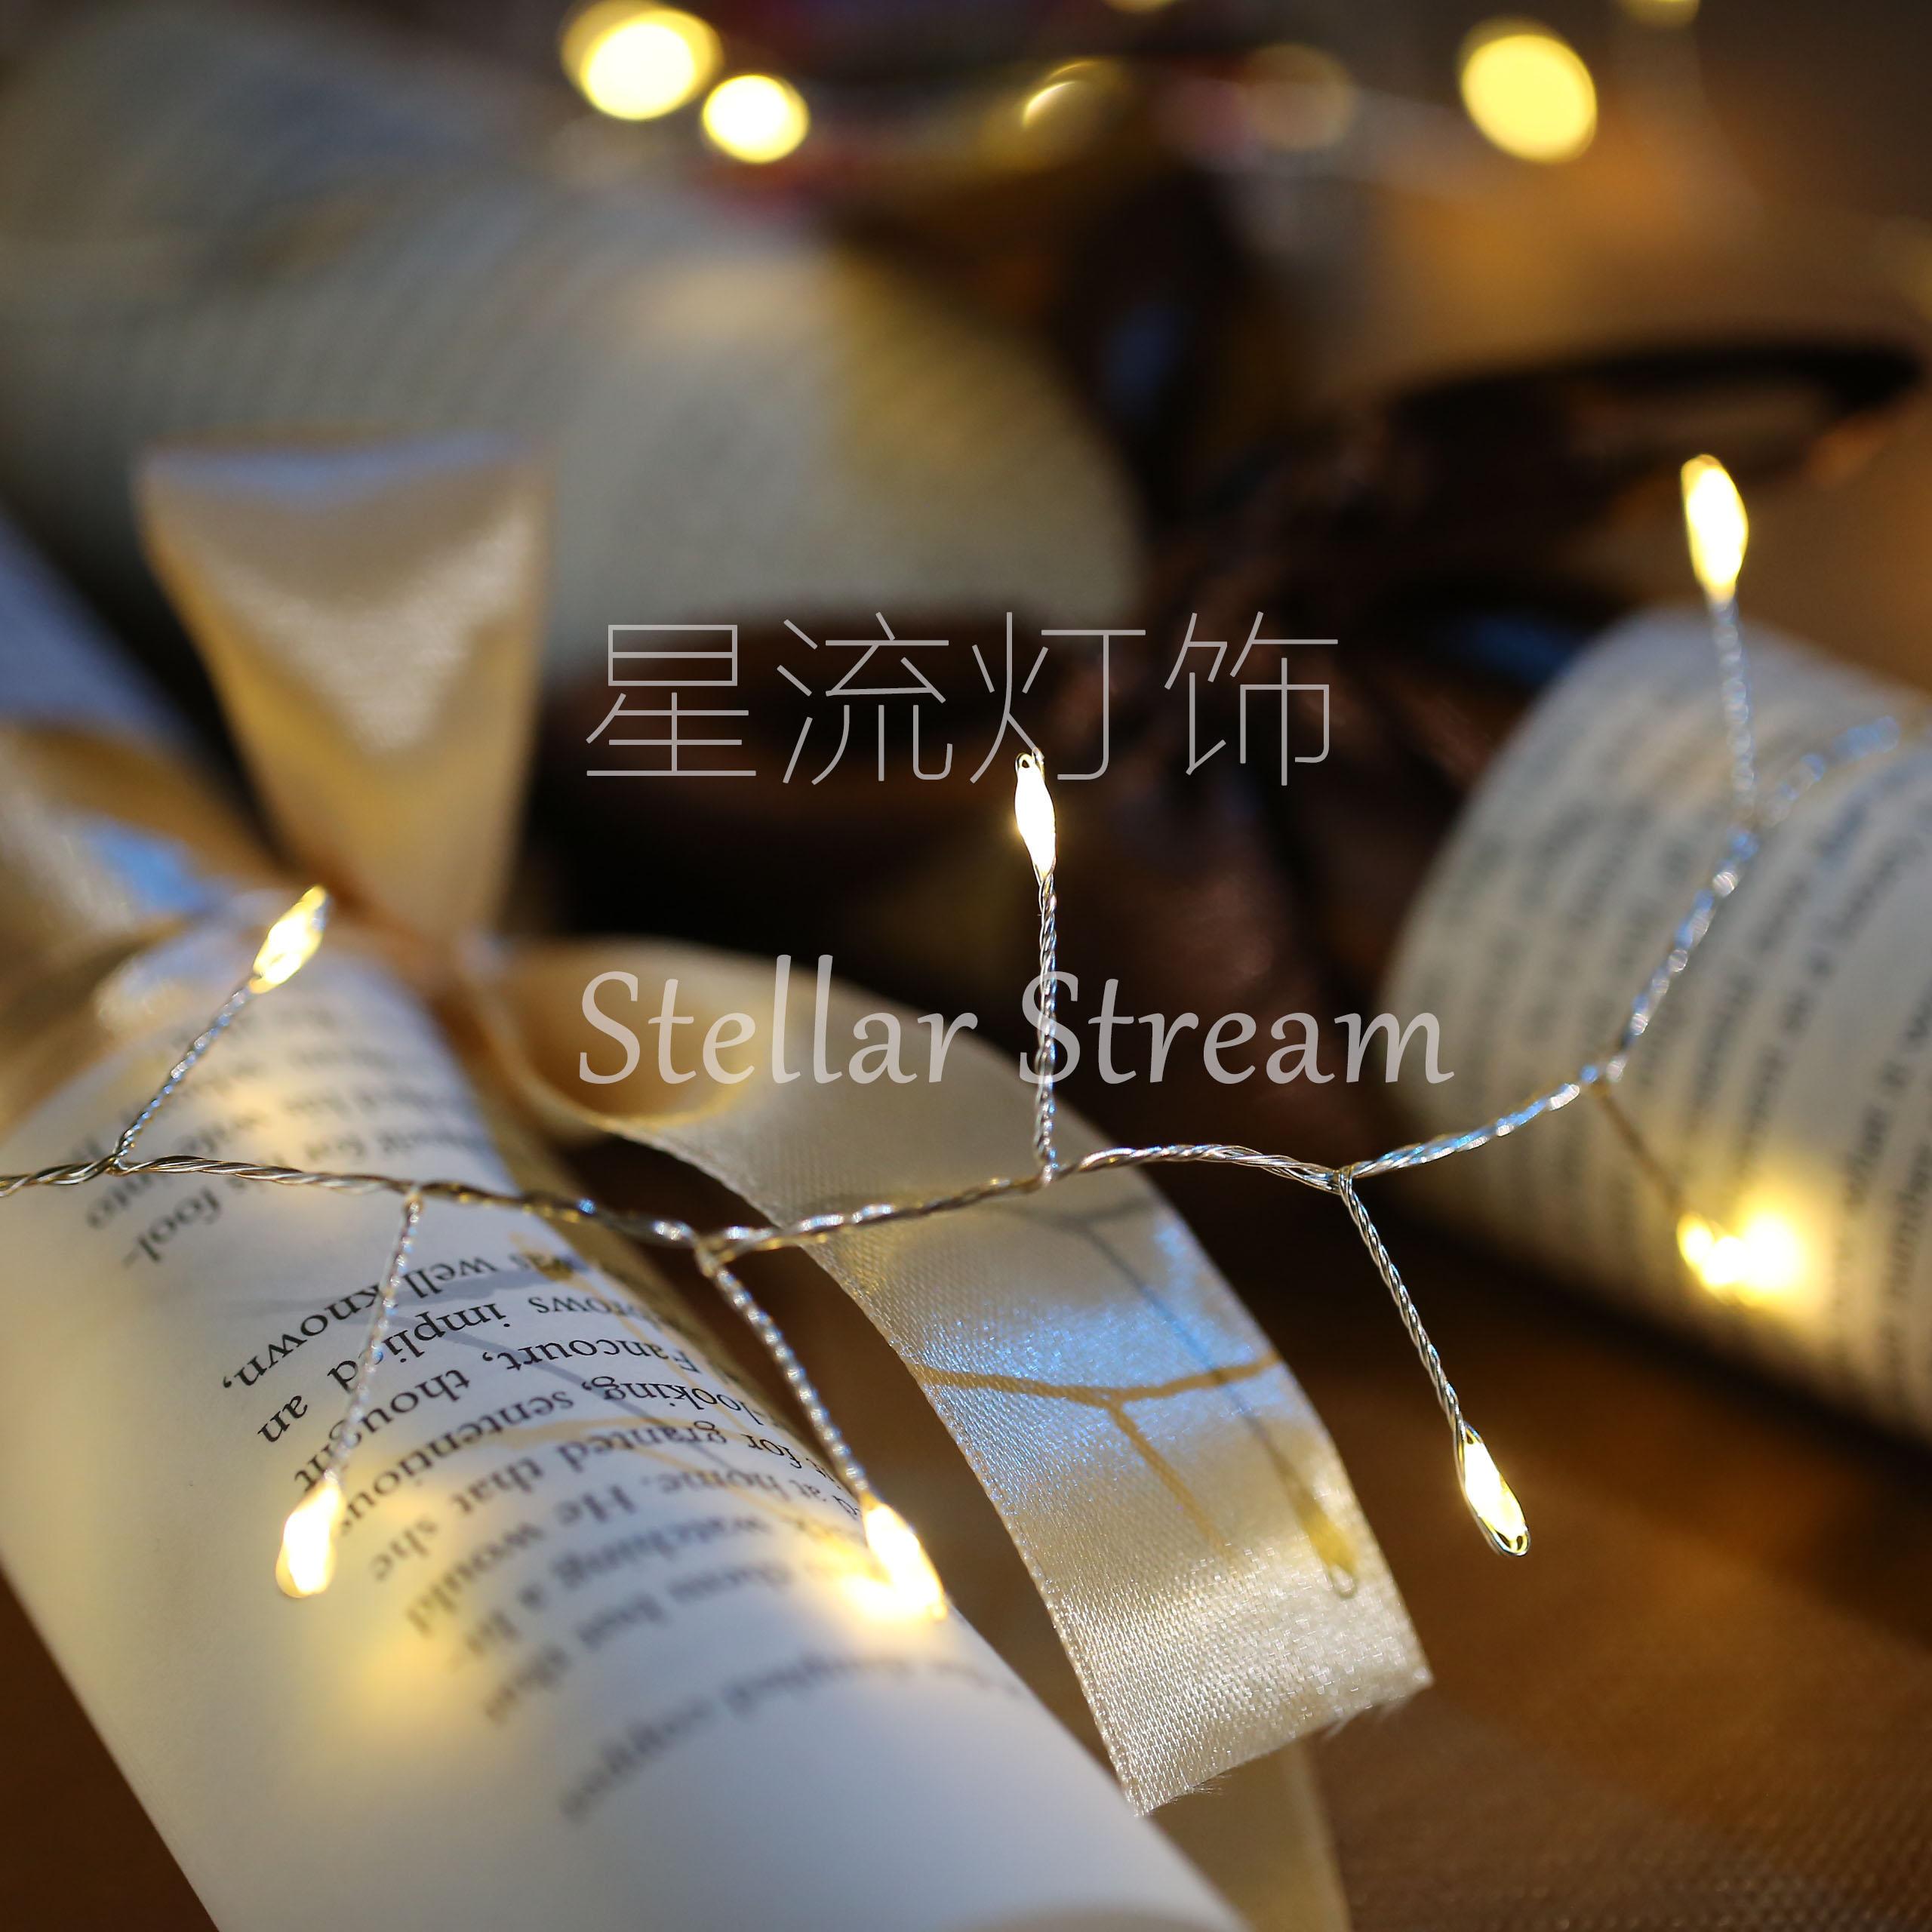 铜线灯 LED彩灯闪灯串灯满天星装饰灯米粒灯婚庆布置宿舍电池防水